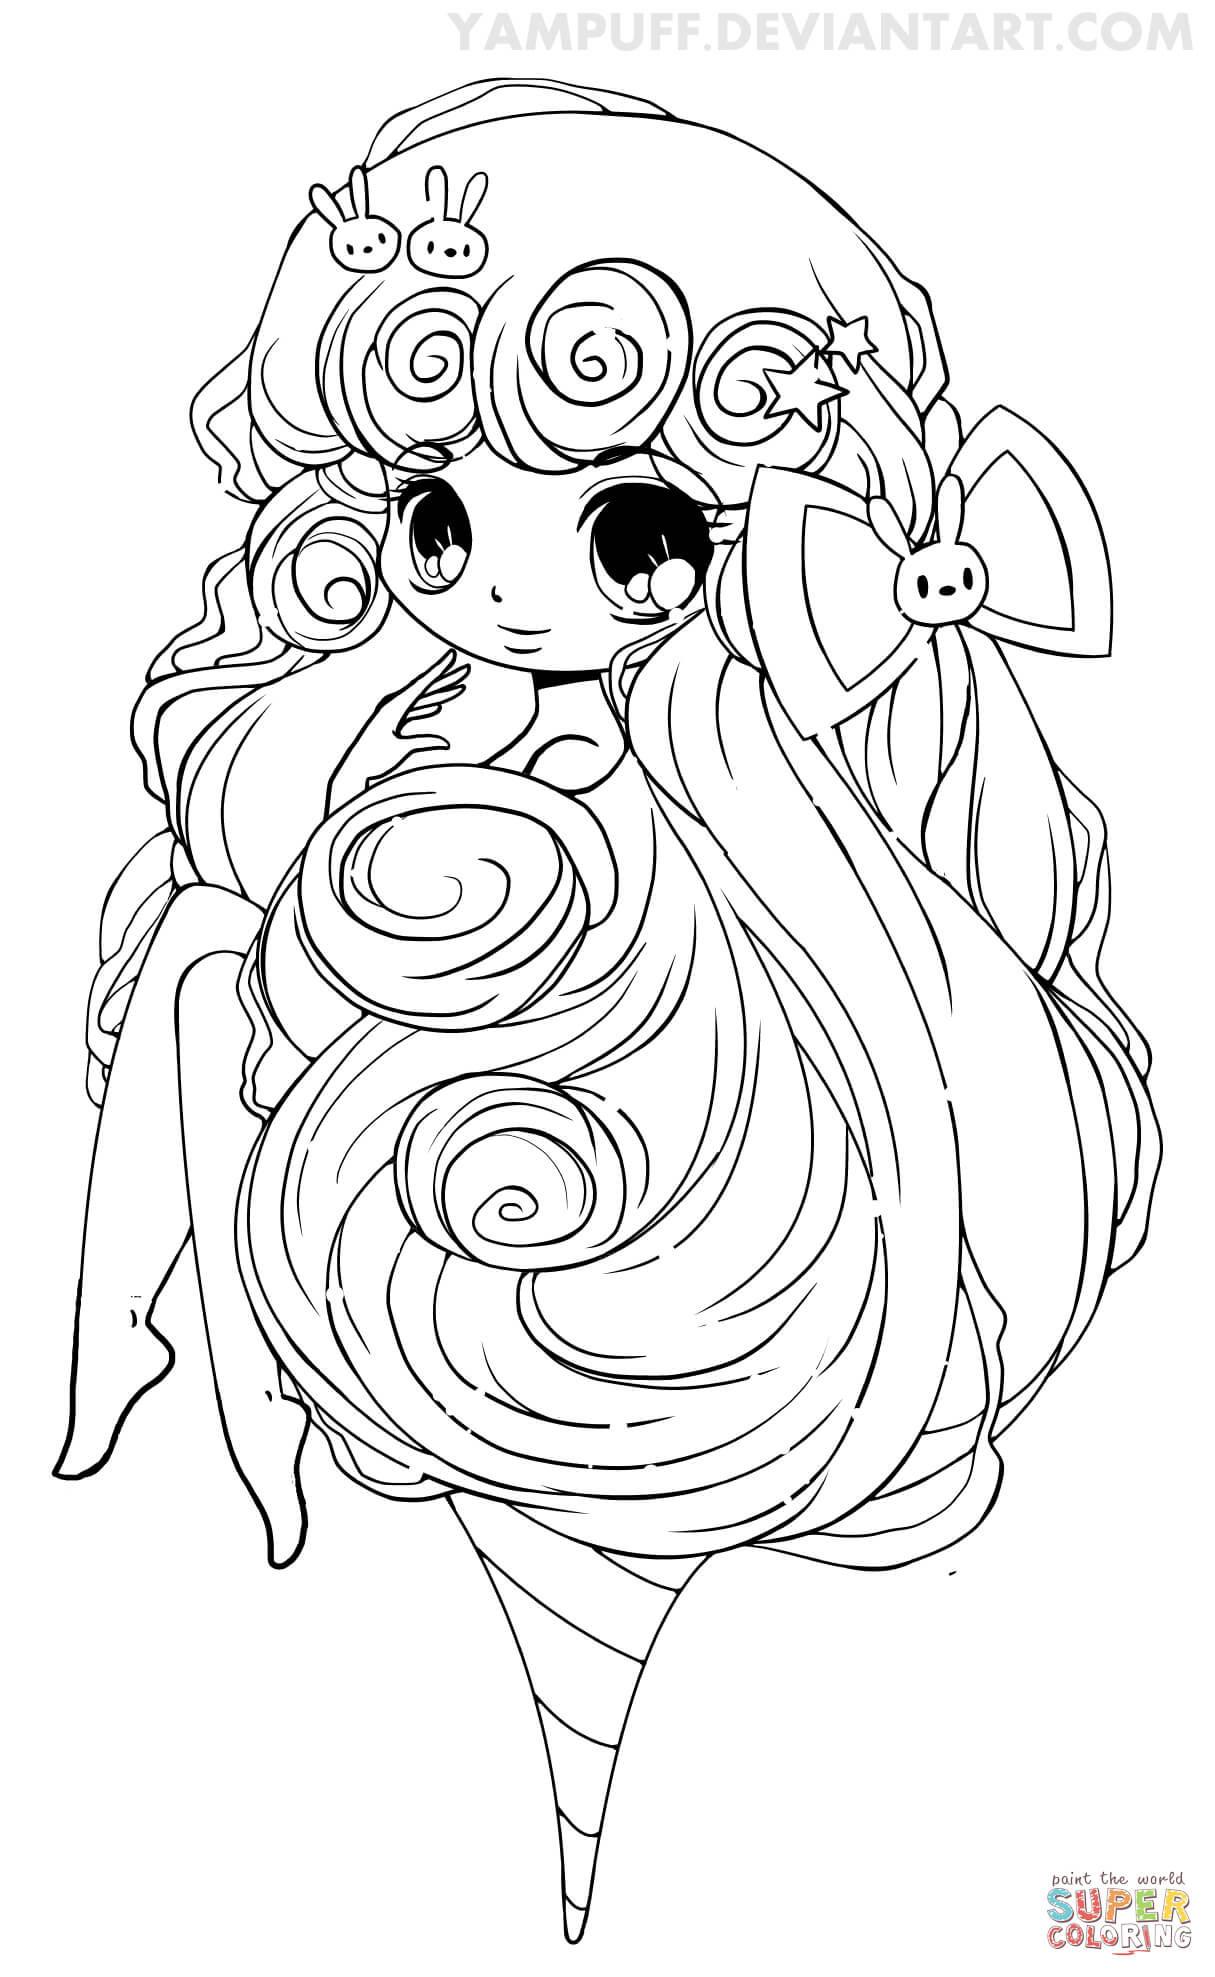 Anime Ausmalbilder Chibi  Ausmalbild Chibi Zuckerwatte Mädchen